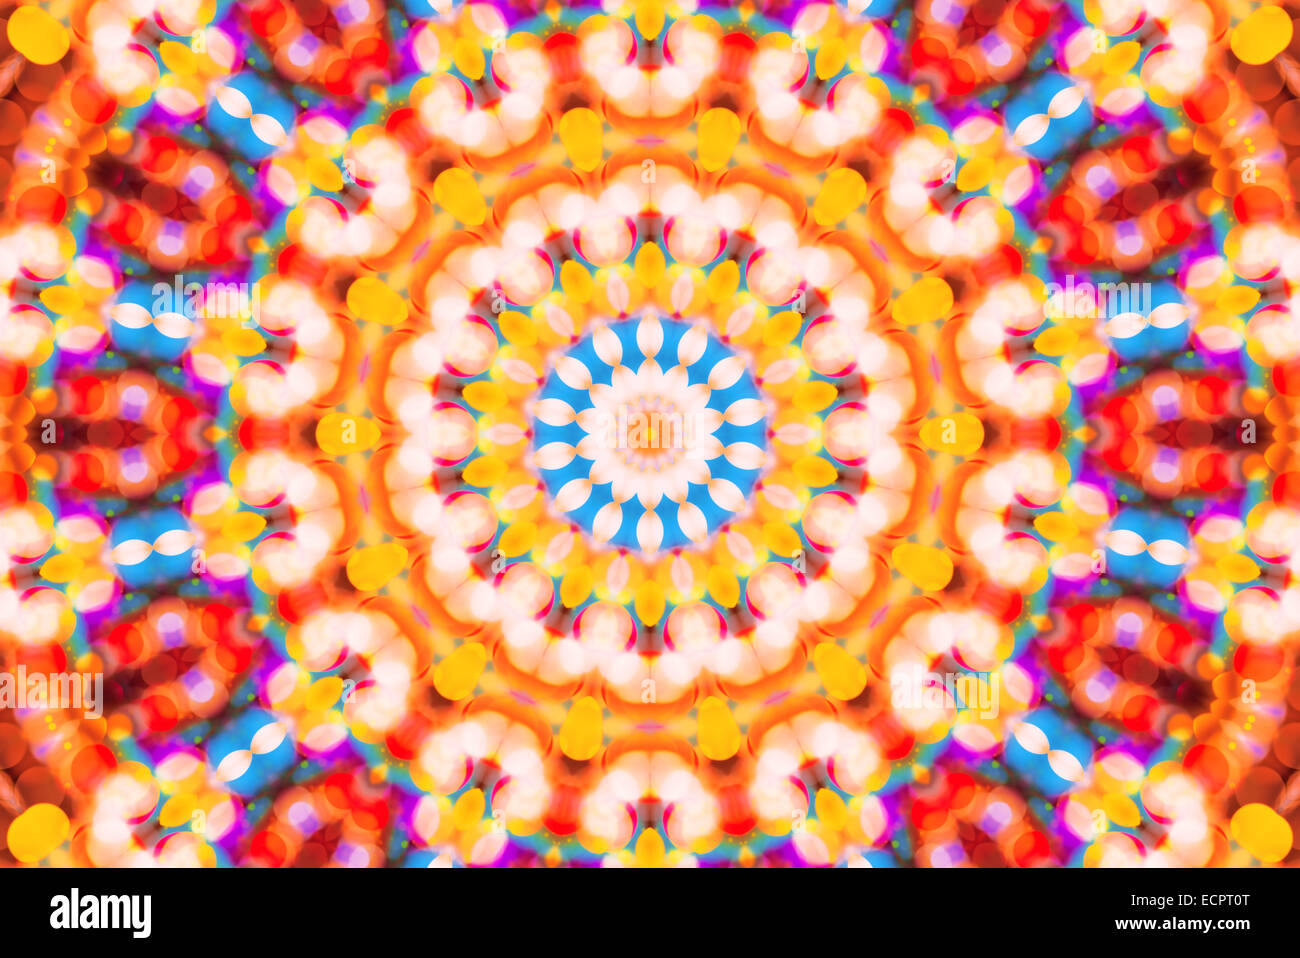 Schön unscharf gestellt bunten Bokeh festliche Lichter im Kaleidoskop als abstrakte Urlaub Feier Hintergrund Stockfoto